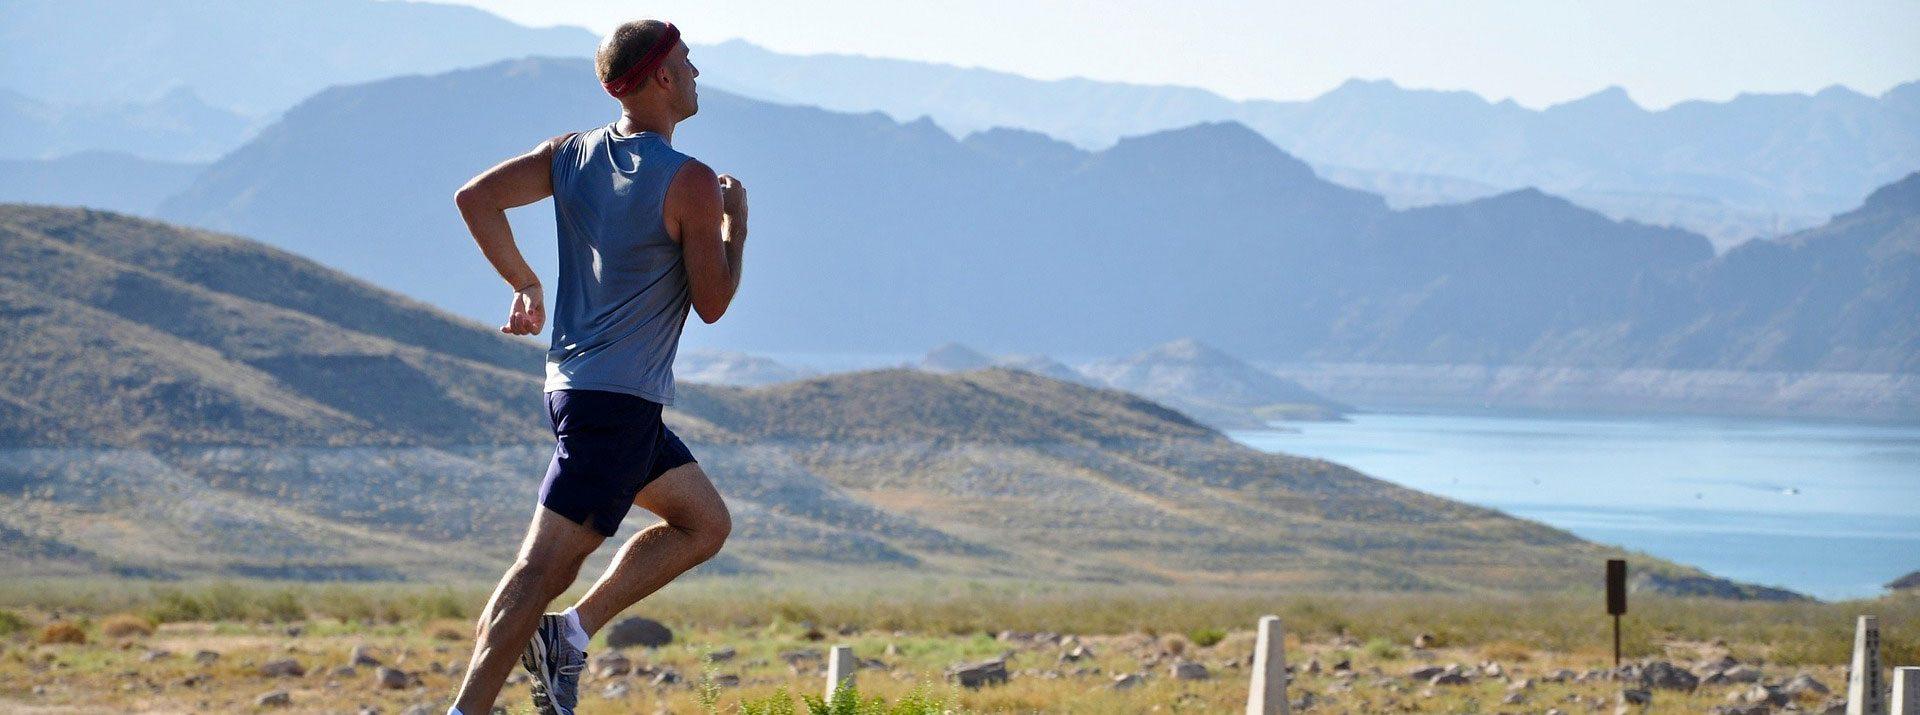 Podologie du sport : contraintes et orthèses